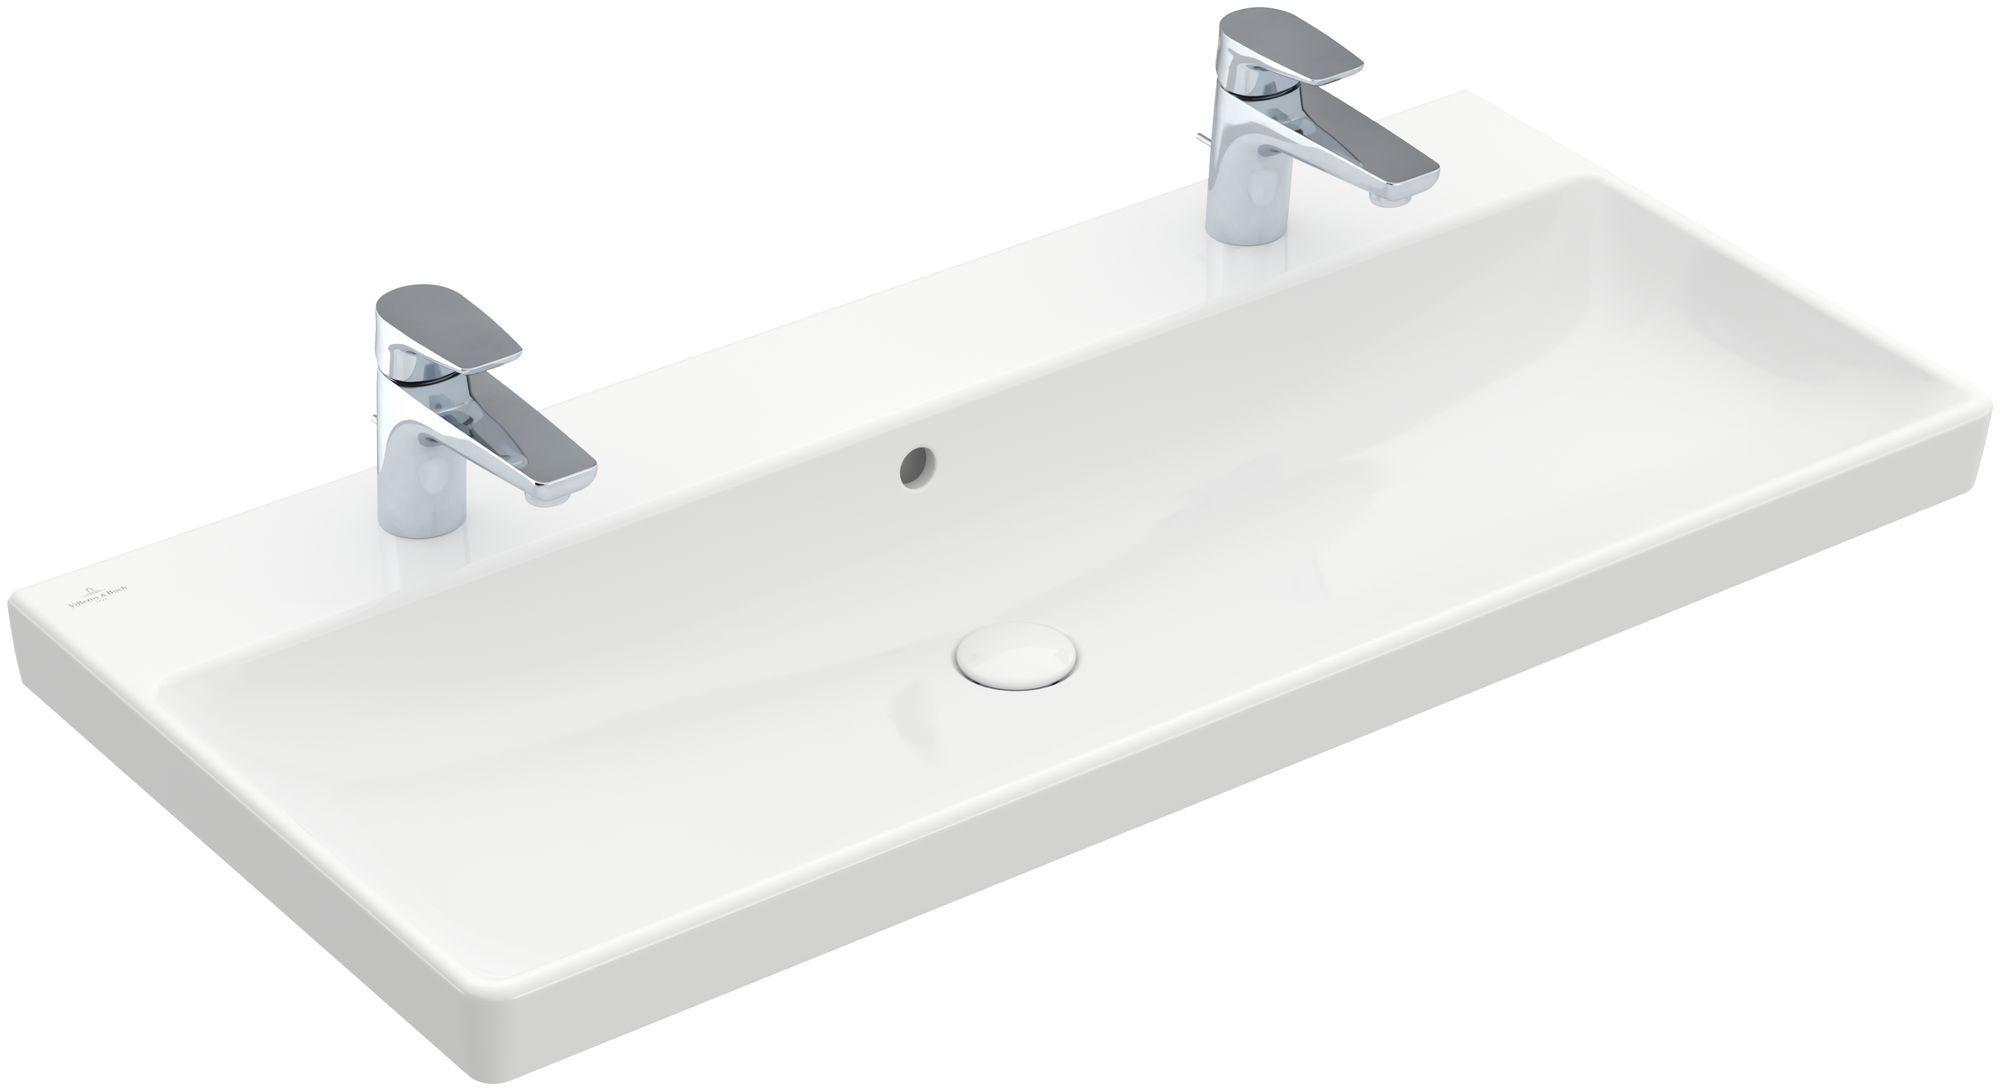 Villeroy & Boch Avento Doppelwaschtisch B:100xT:47cm 2 Hahnlöcher mit Überlauf weiß mit CeramicPlus 4156A4R1